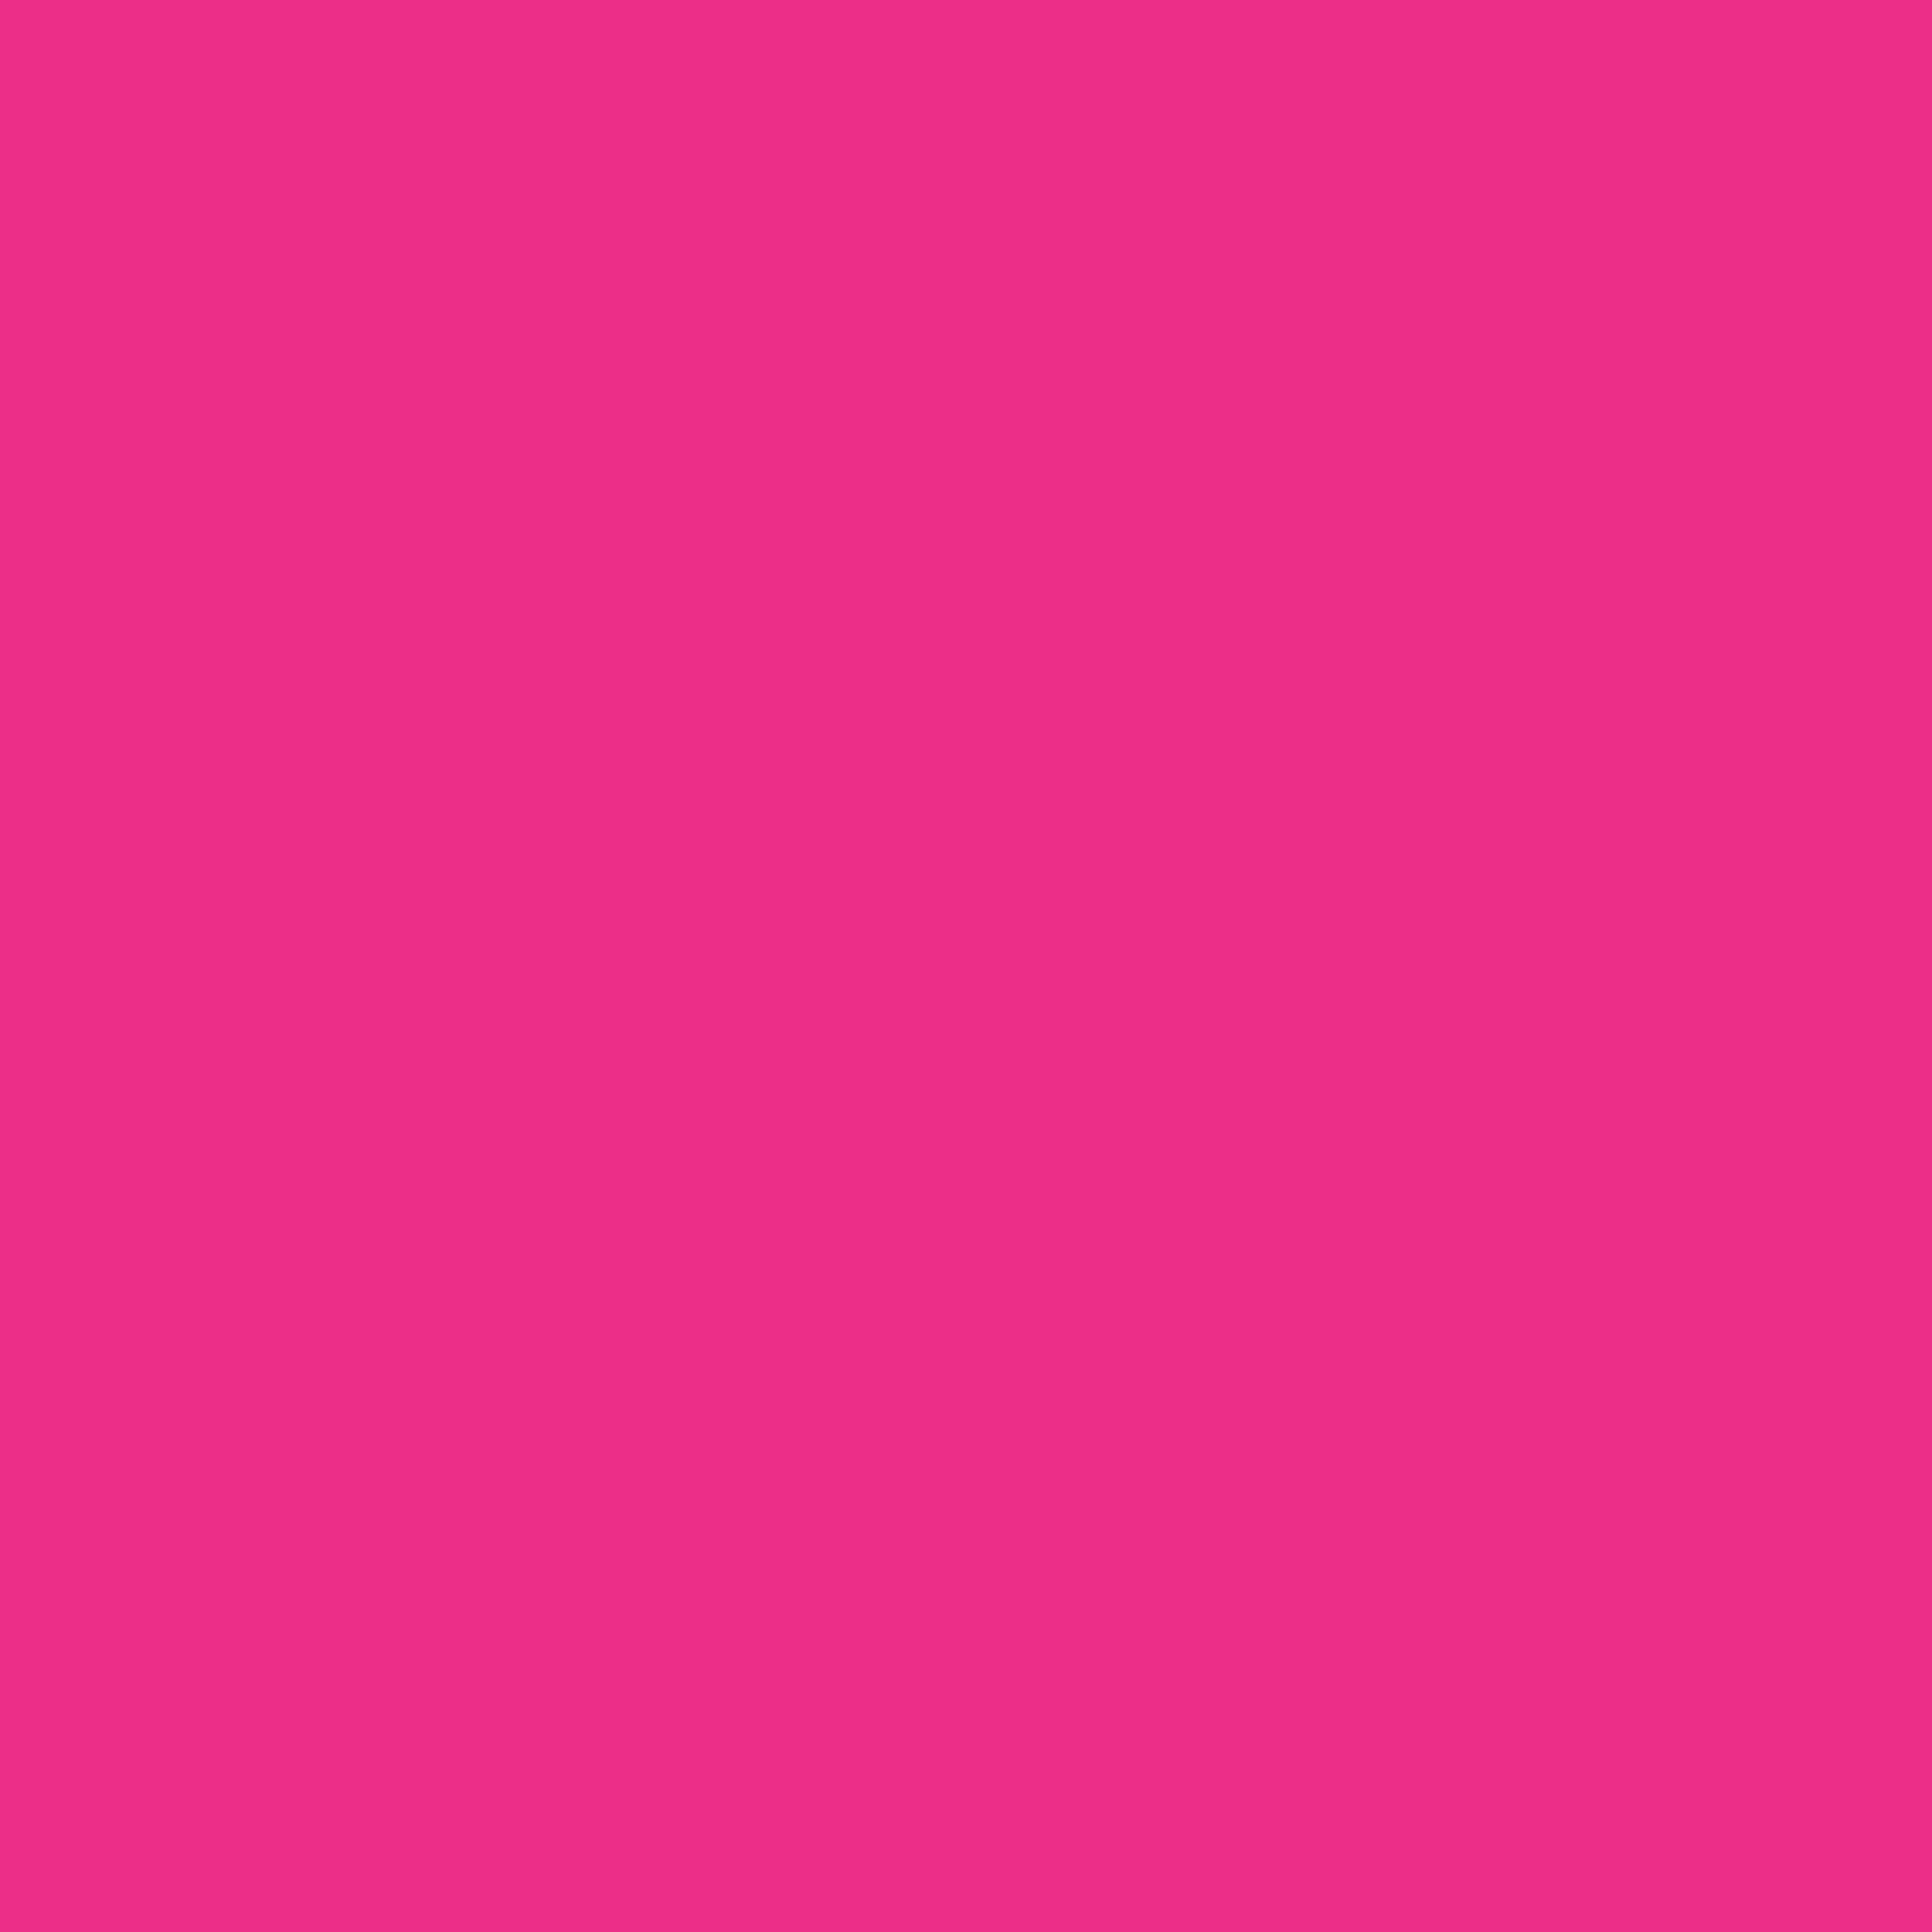 Pink-bunt